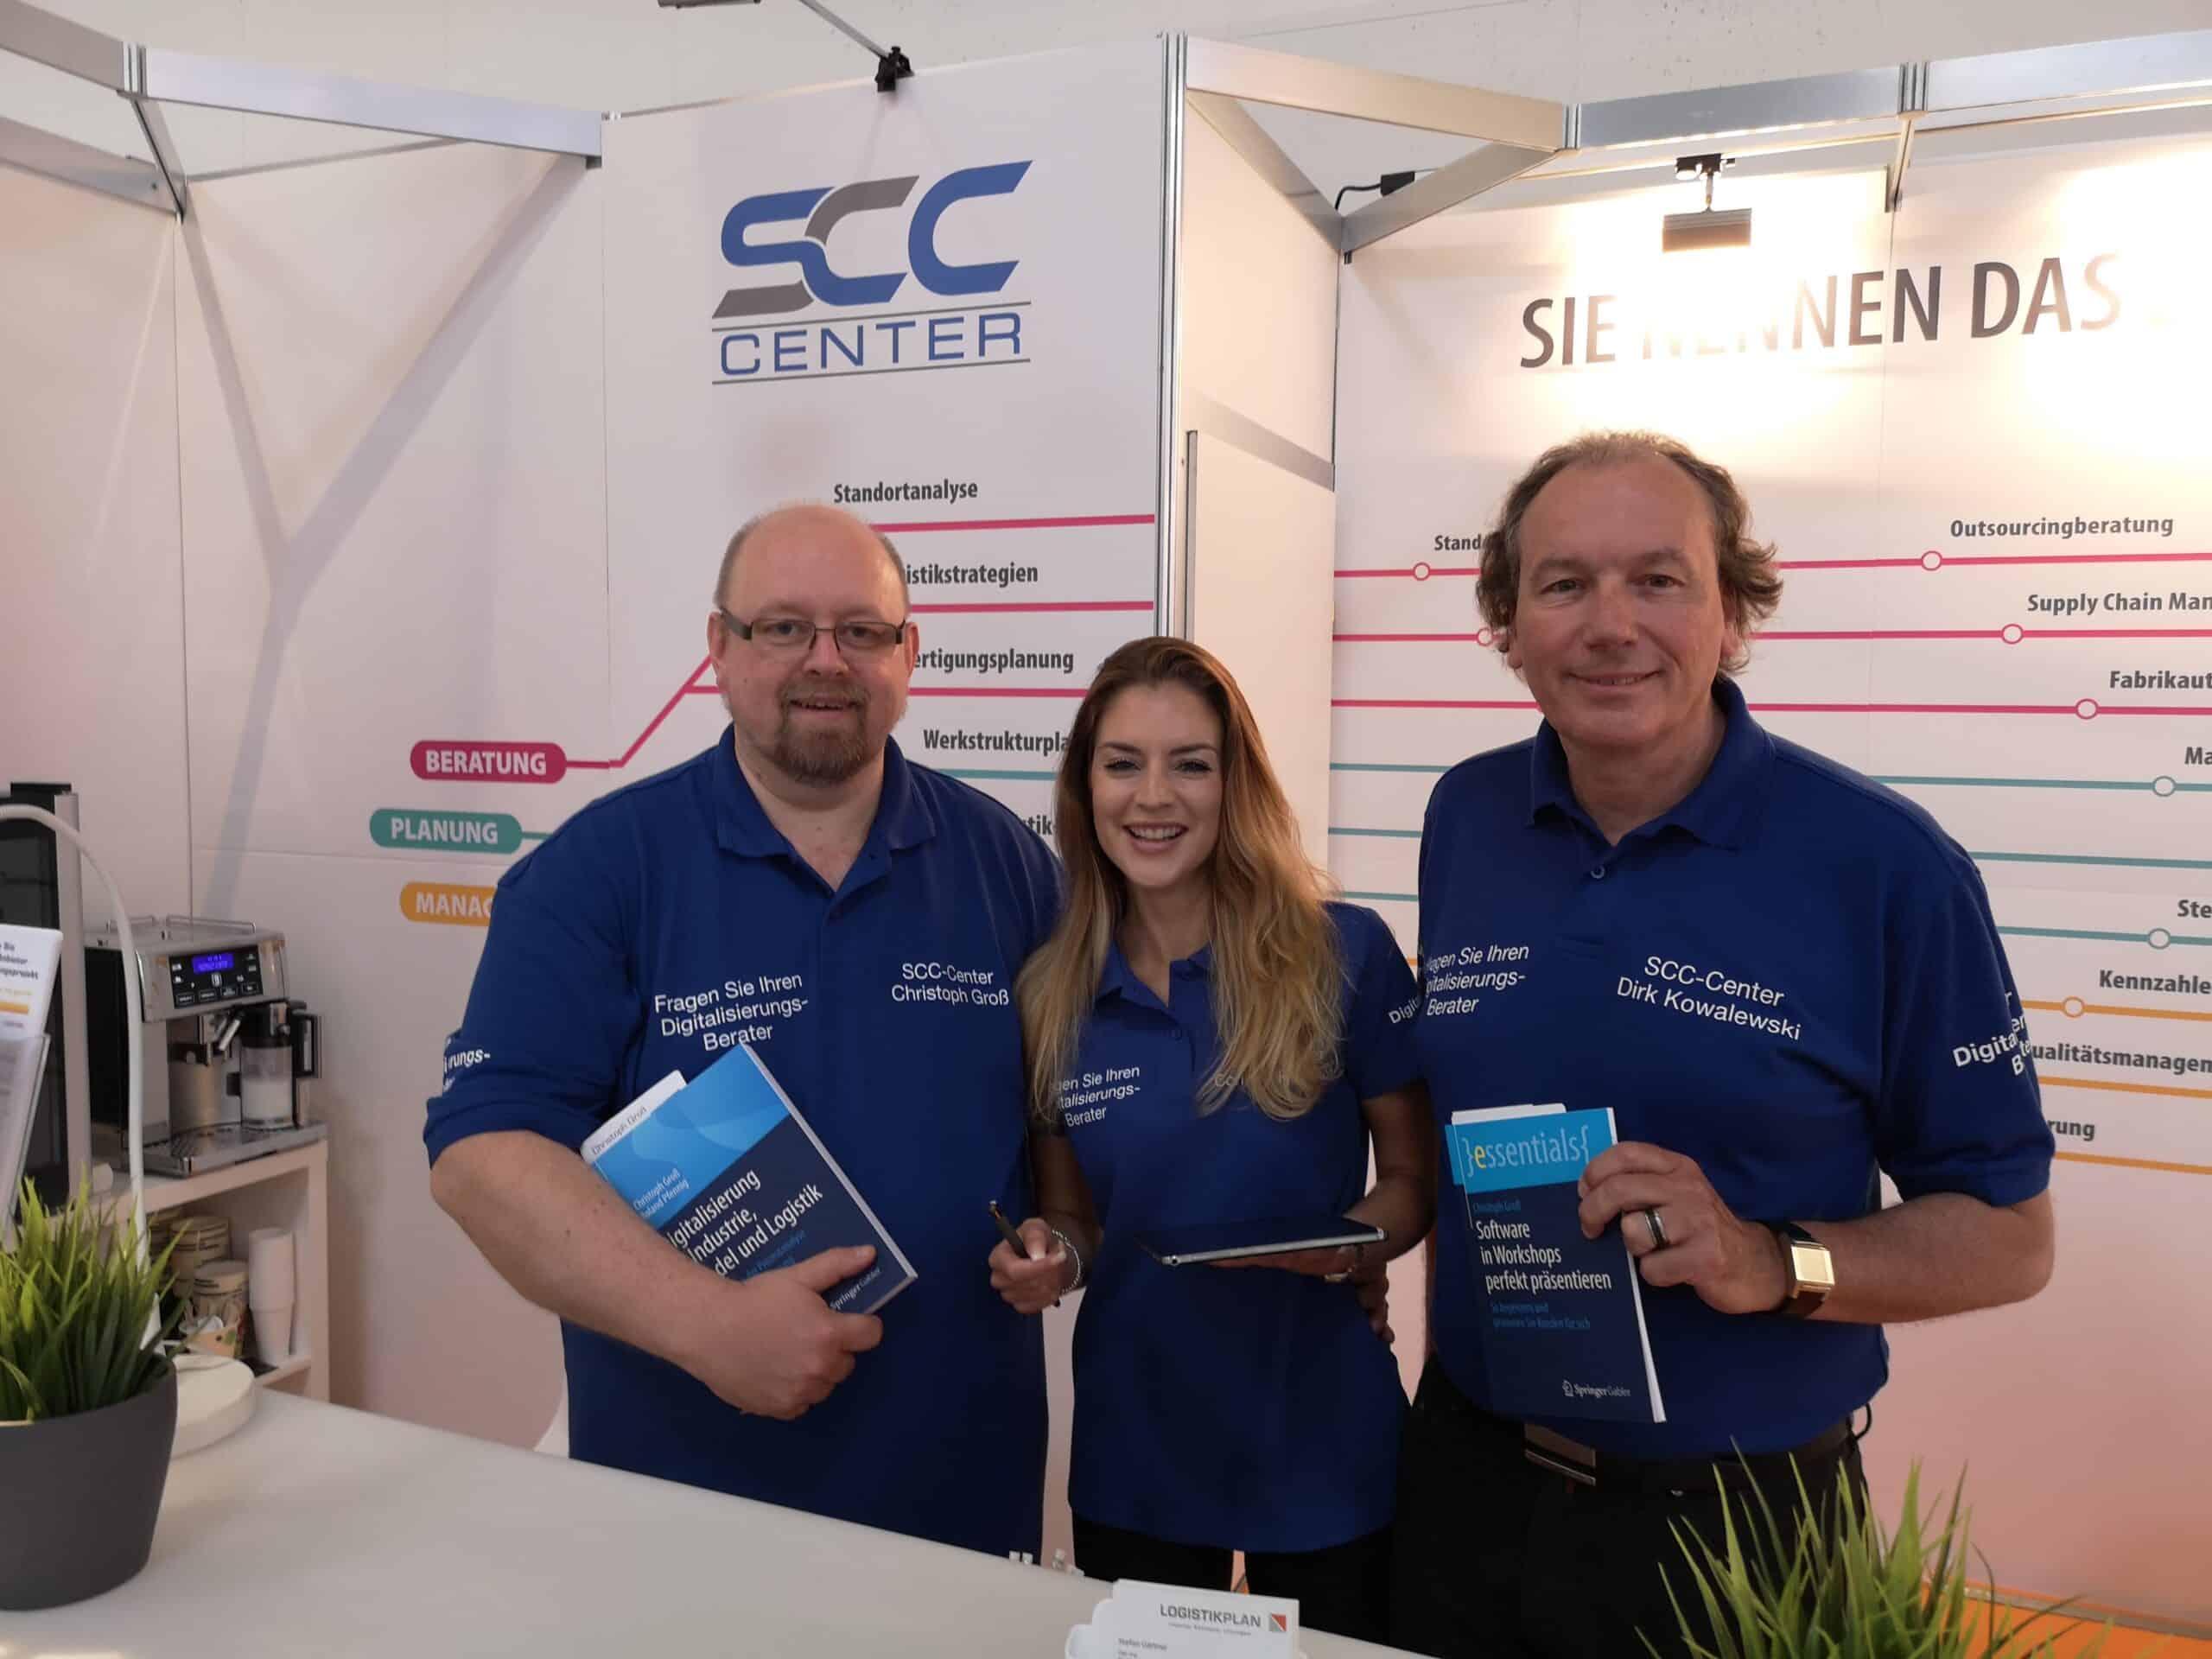 transport logistic 2019 Digitalisierungsumfrage von SCC-Center, VerkehrsRUNDSCHAU und Hochschule Heilbronn veröffentlicht